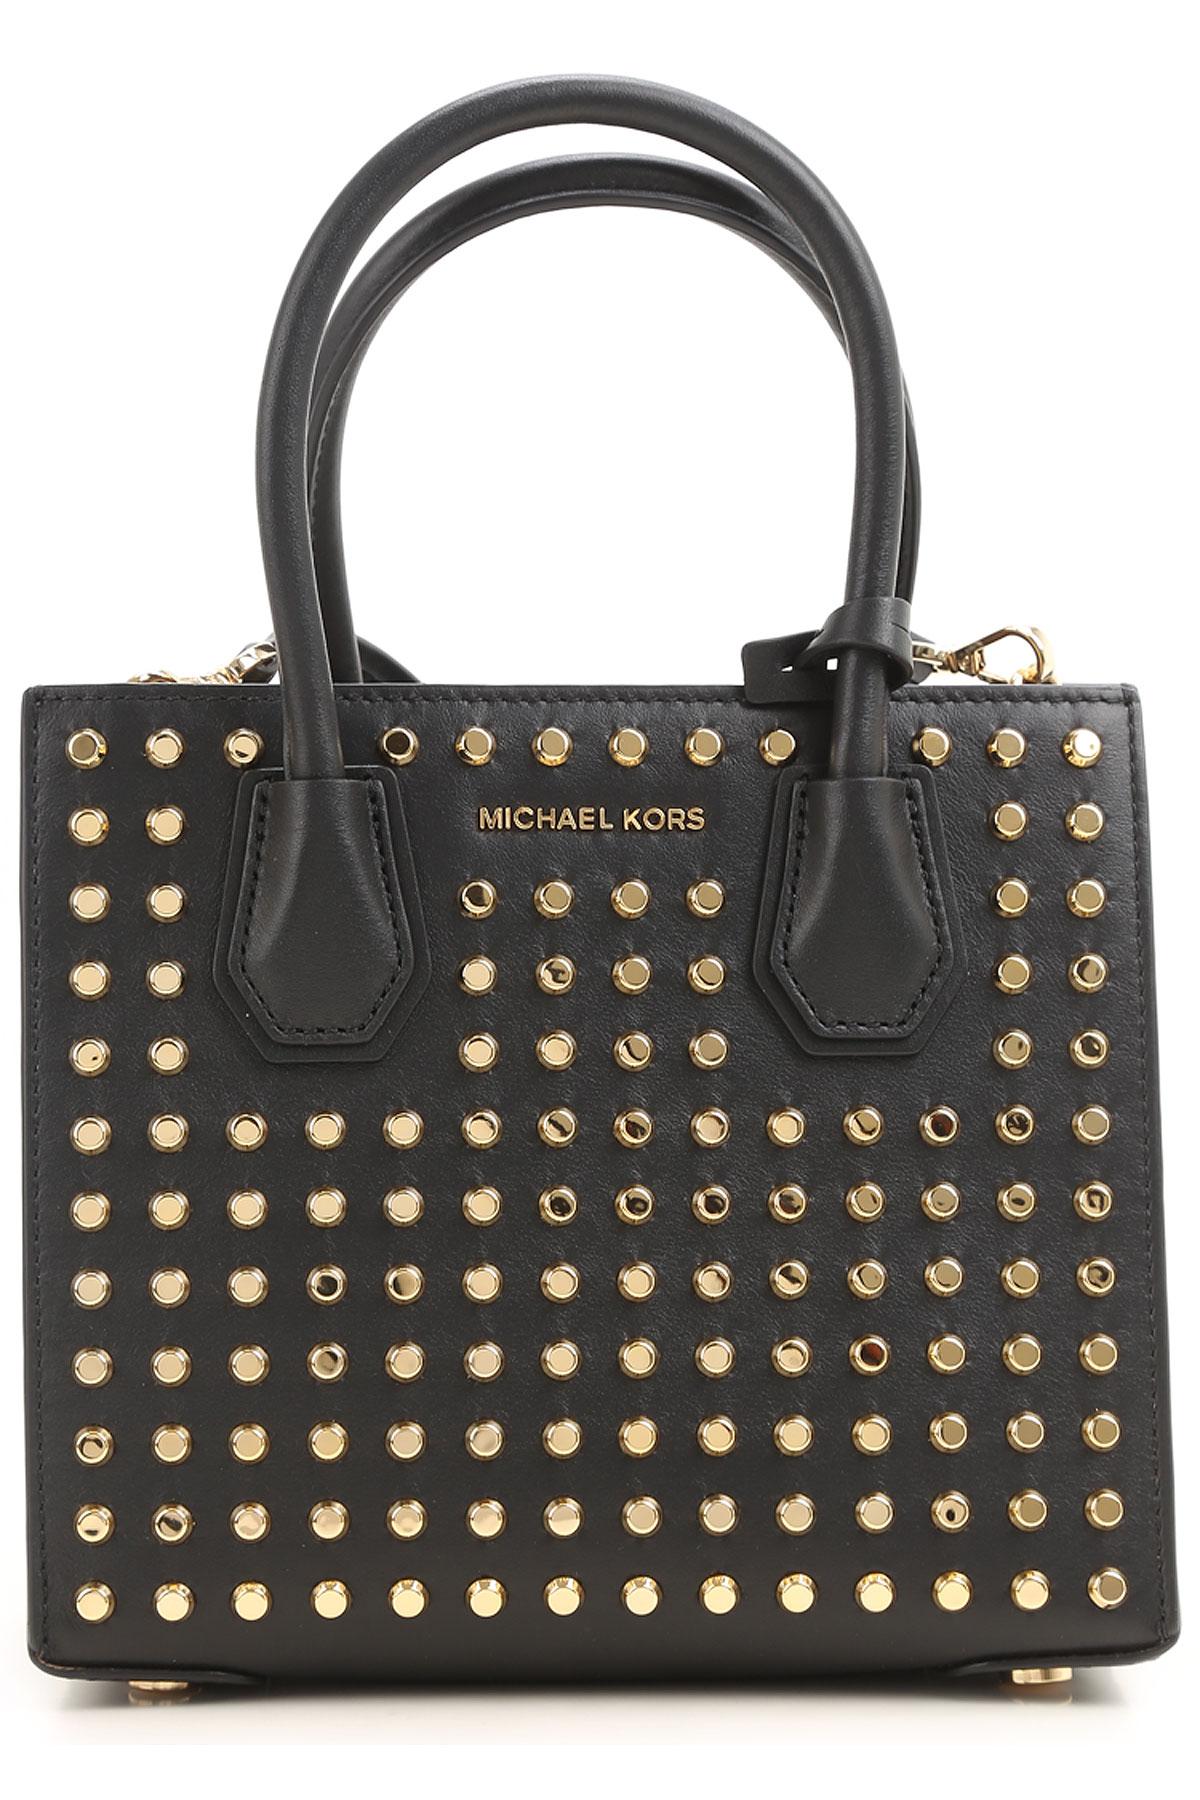 Michael Kors Shoulder Bag for Women On Sale, Black, Leather, 2017